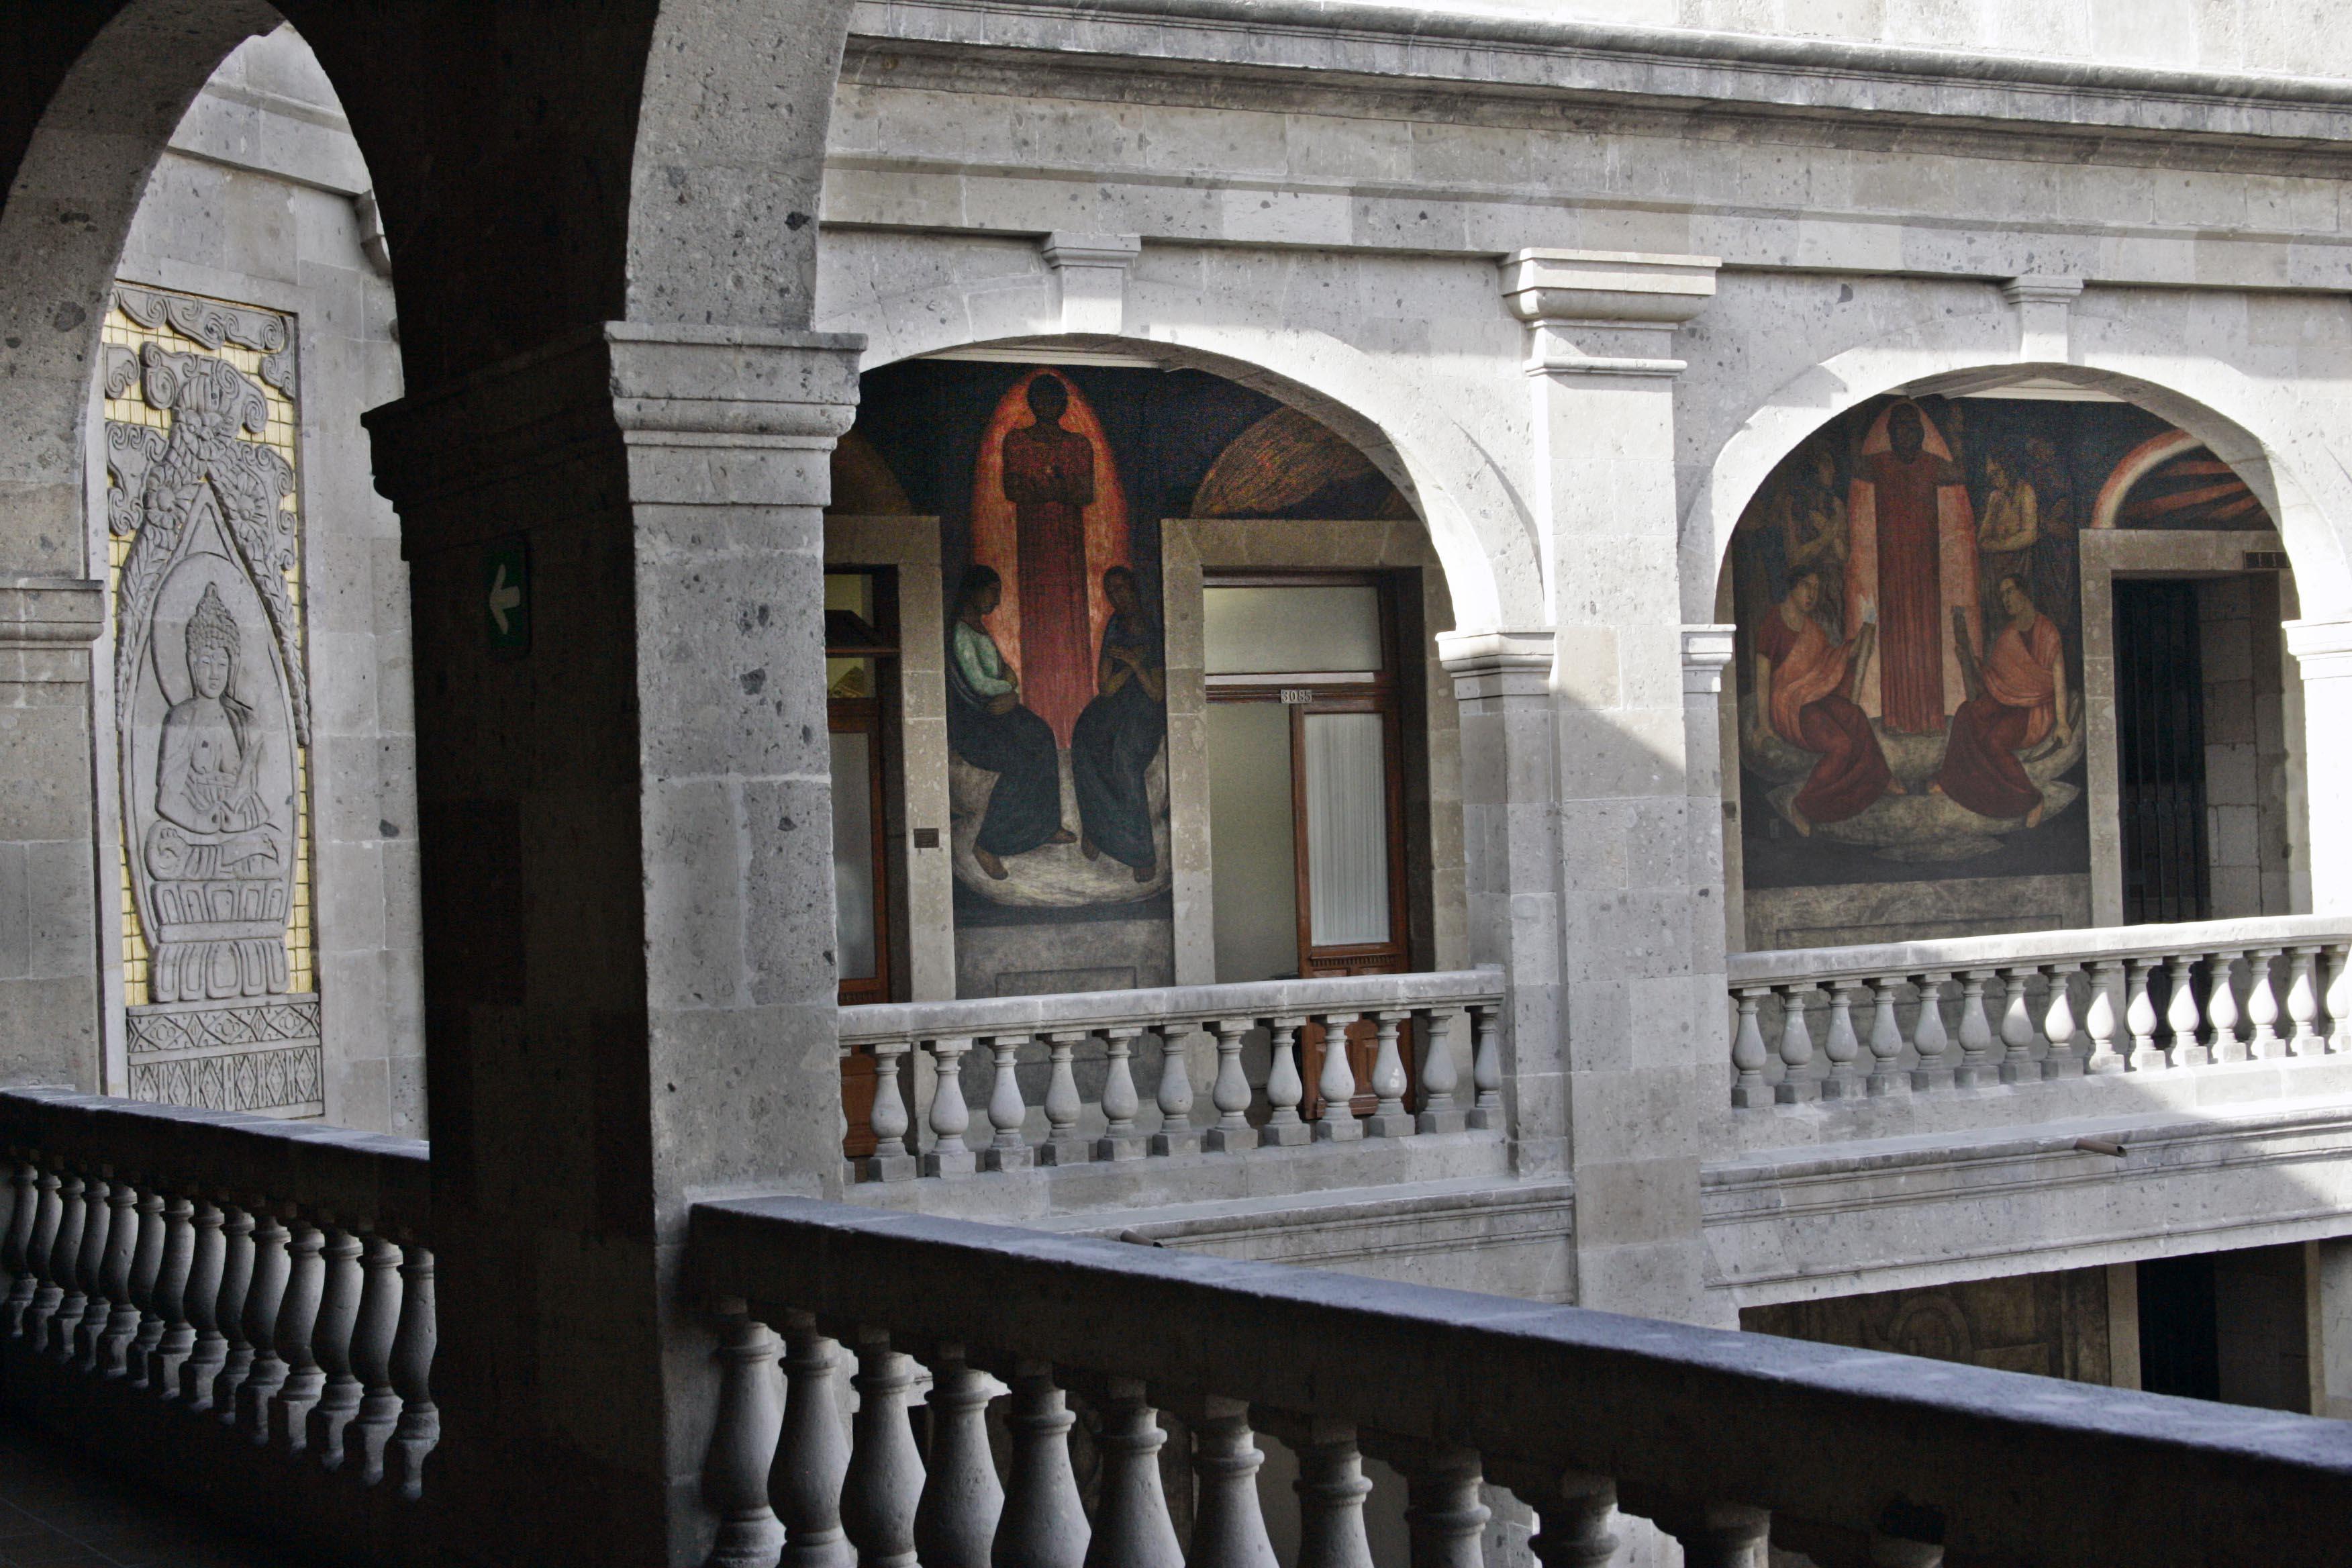 El Consejo Directivo del Instituto Latinoamericano de la Comunicación Educativa (ILCE) eligió al Secretario de Educación Pública del gobierno de México, como su Presidente, durante su sesión extraordinaria, celebrada el día de hoy.